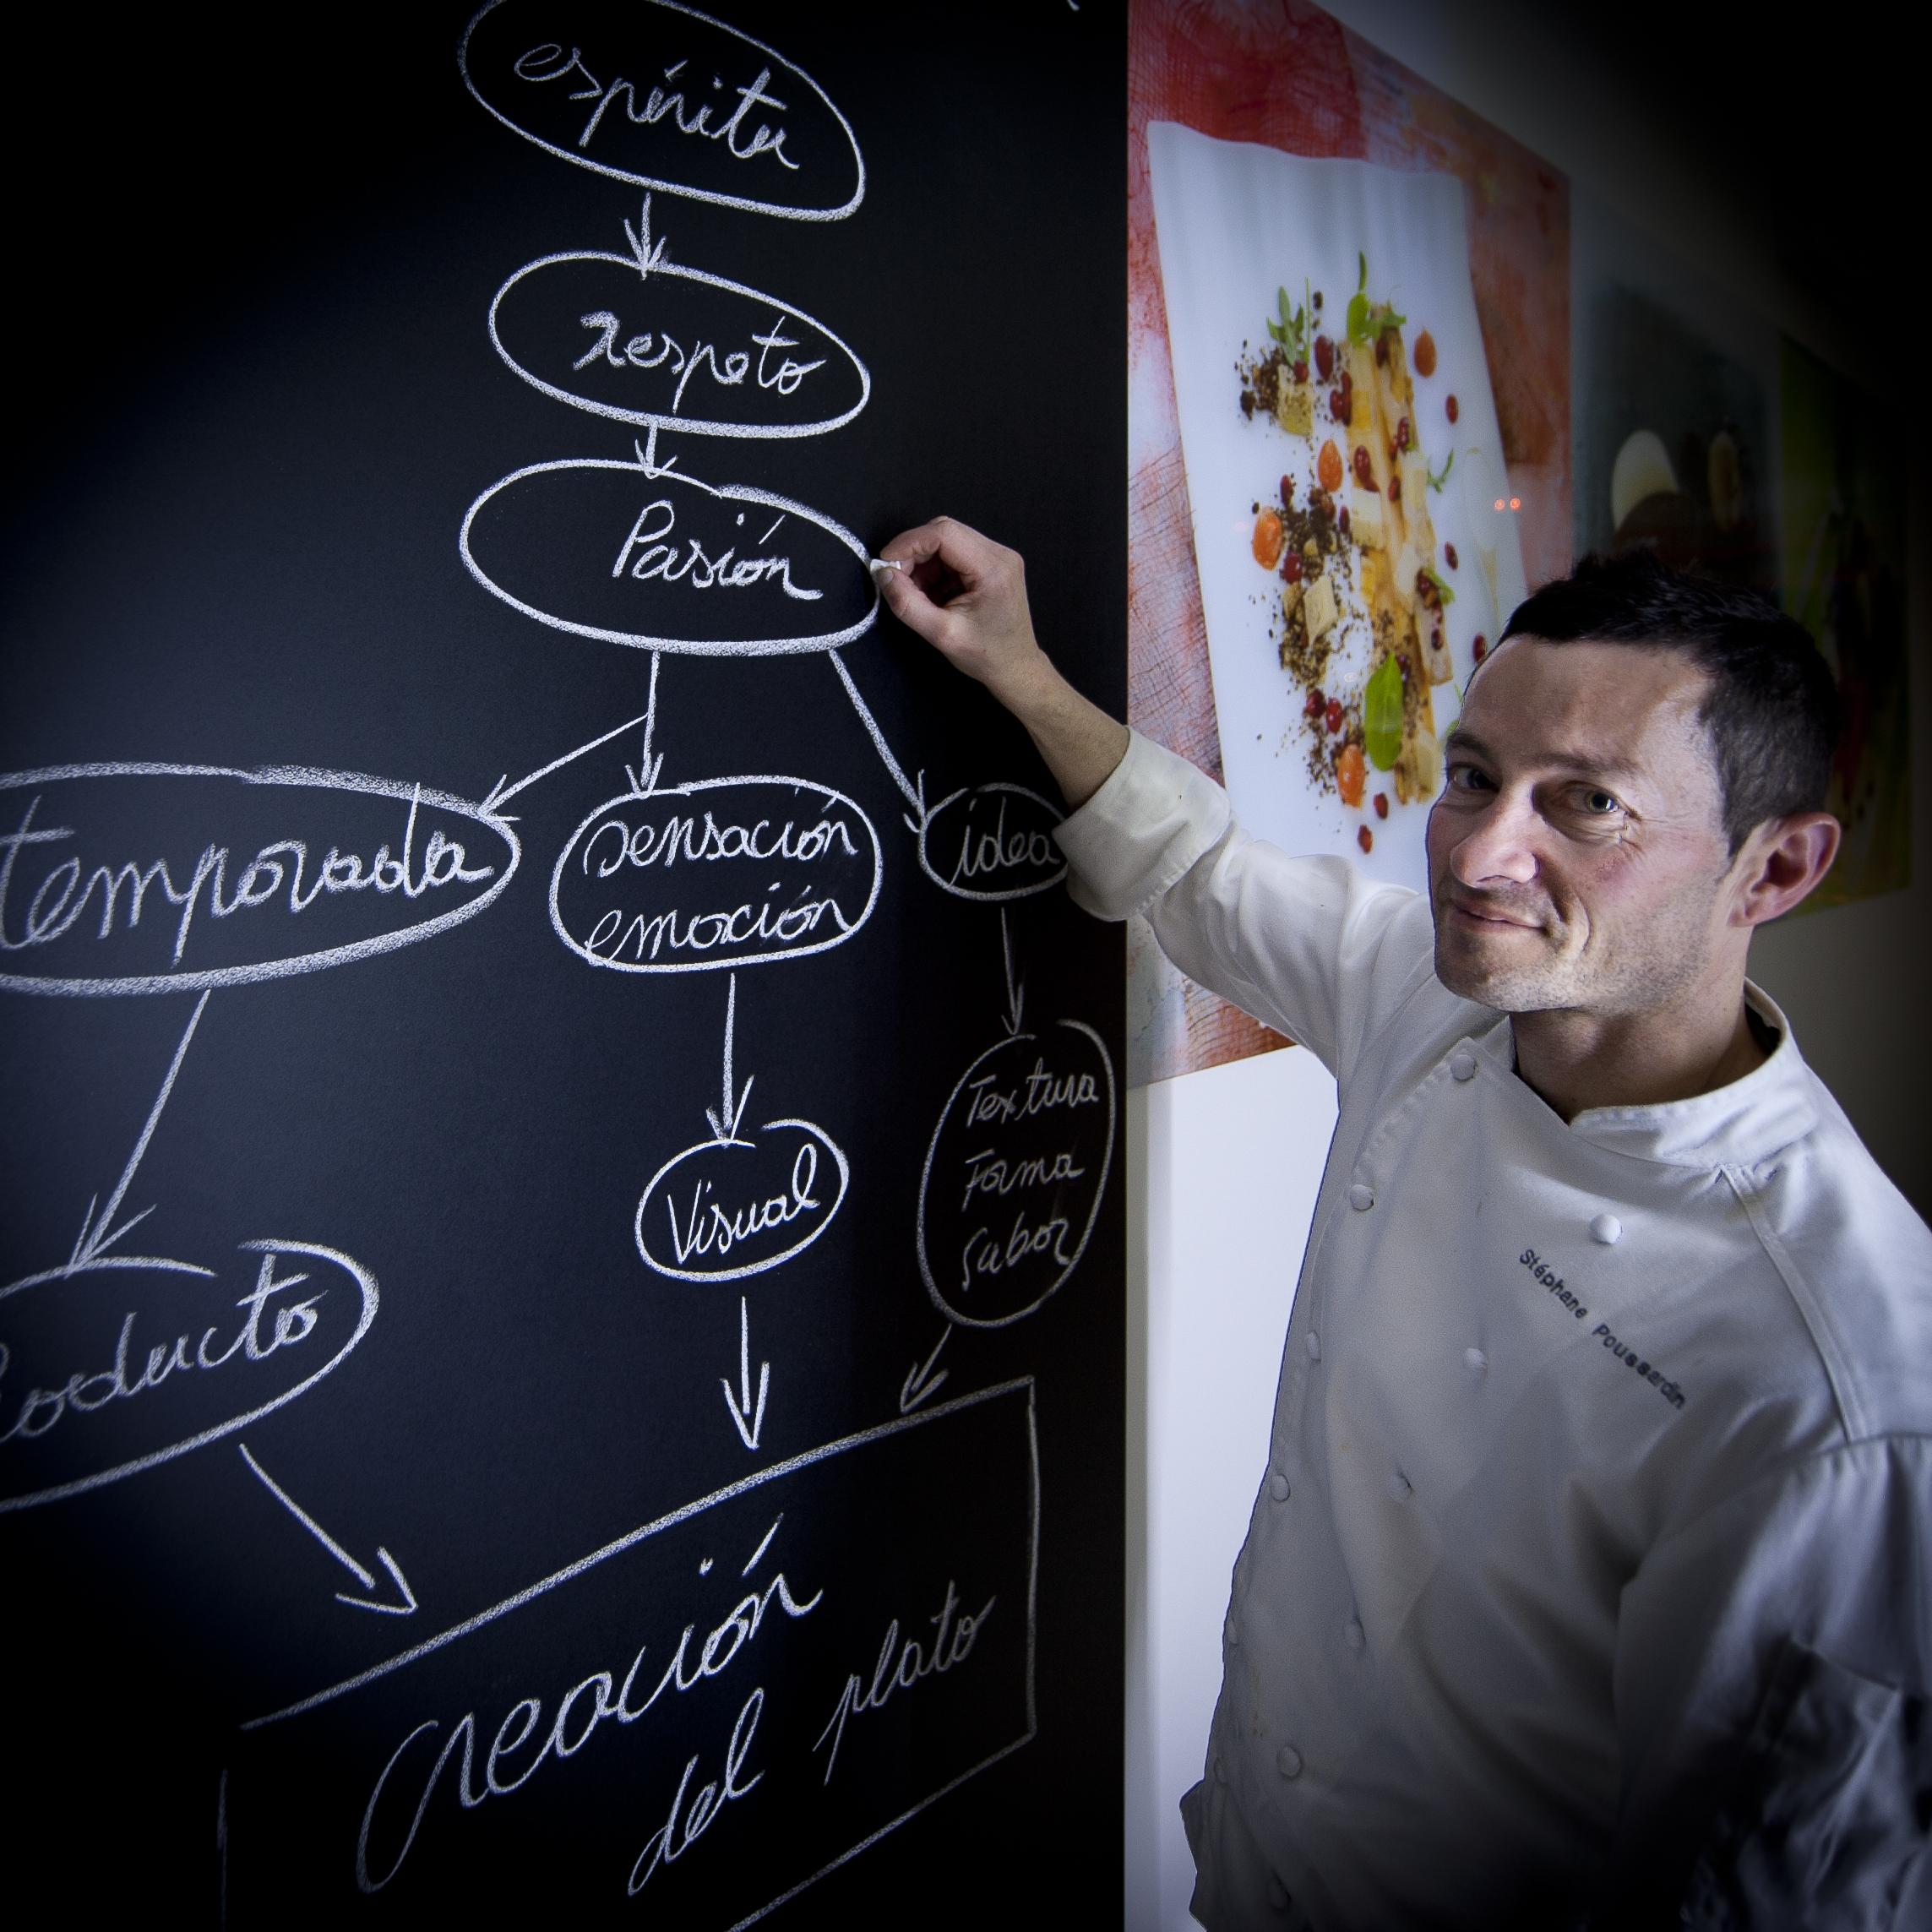 Ya puedes disfrutar de los mejores Chefs a Domicilio en Pamplona gracias a Take a Chef - Takeachef.com